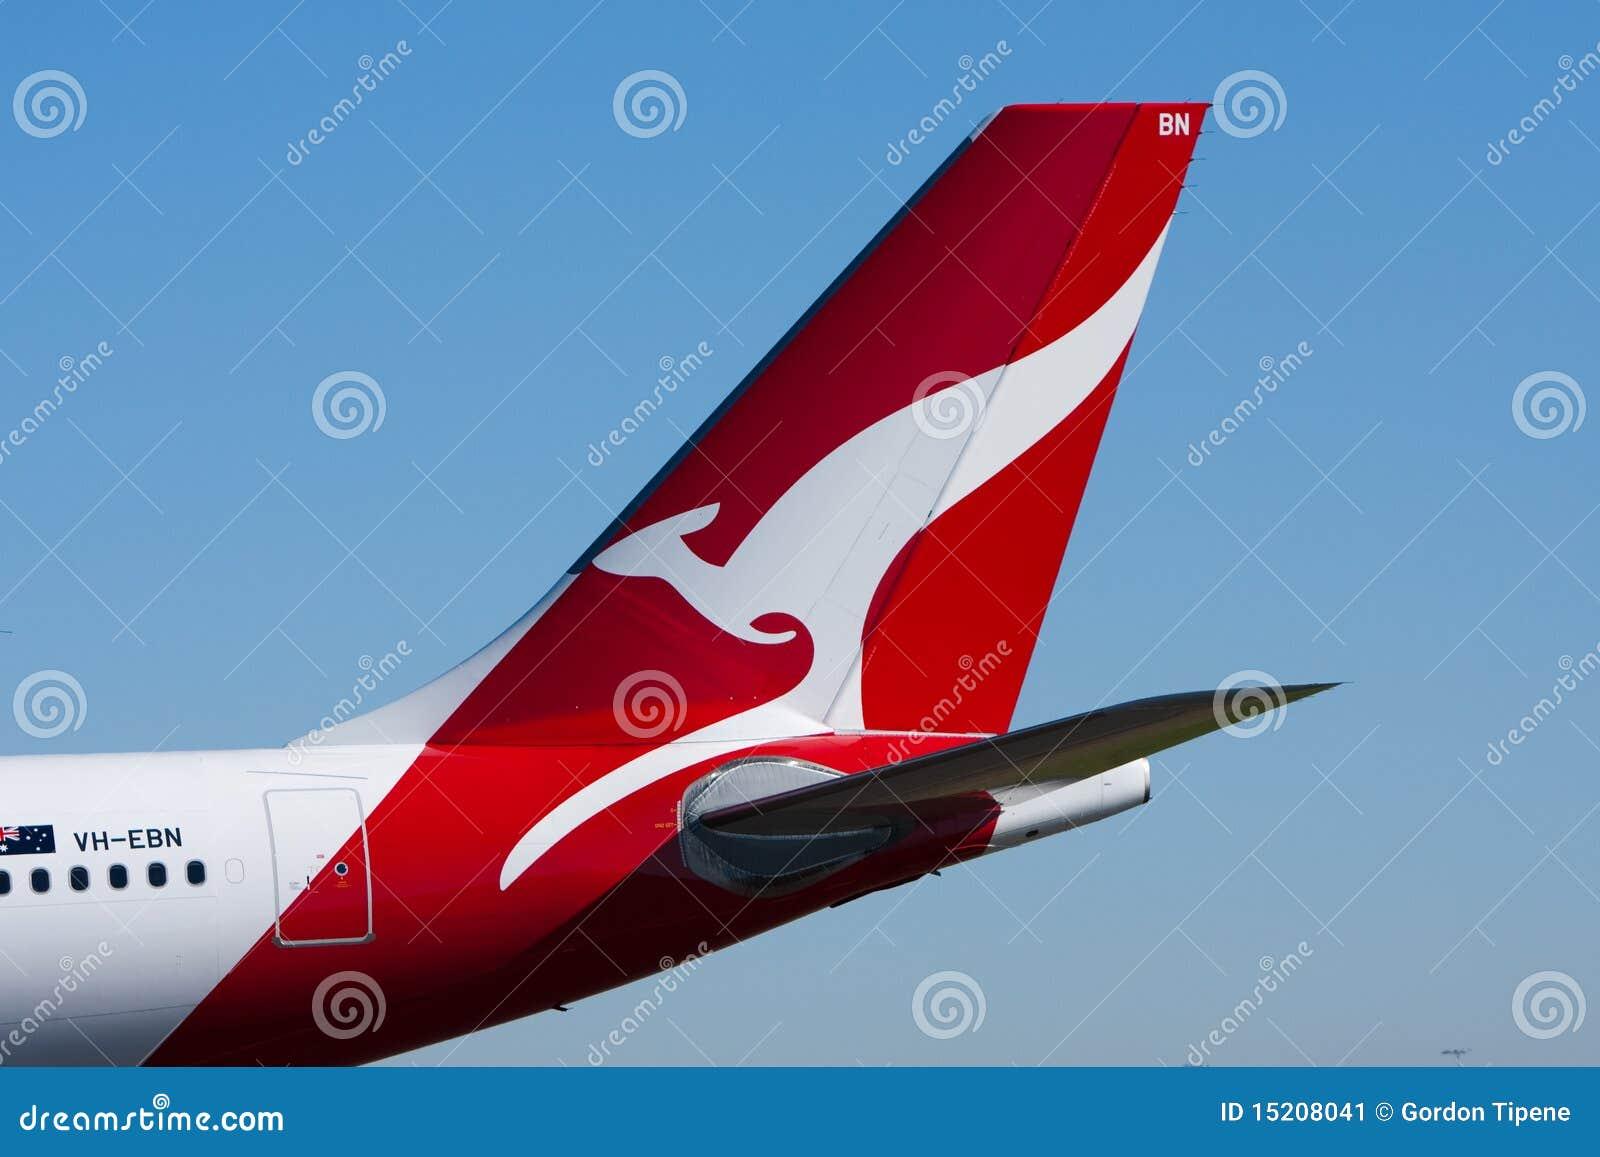 Qantas Airlines jet kangaroo logo